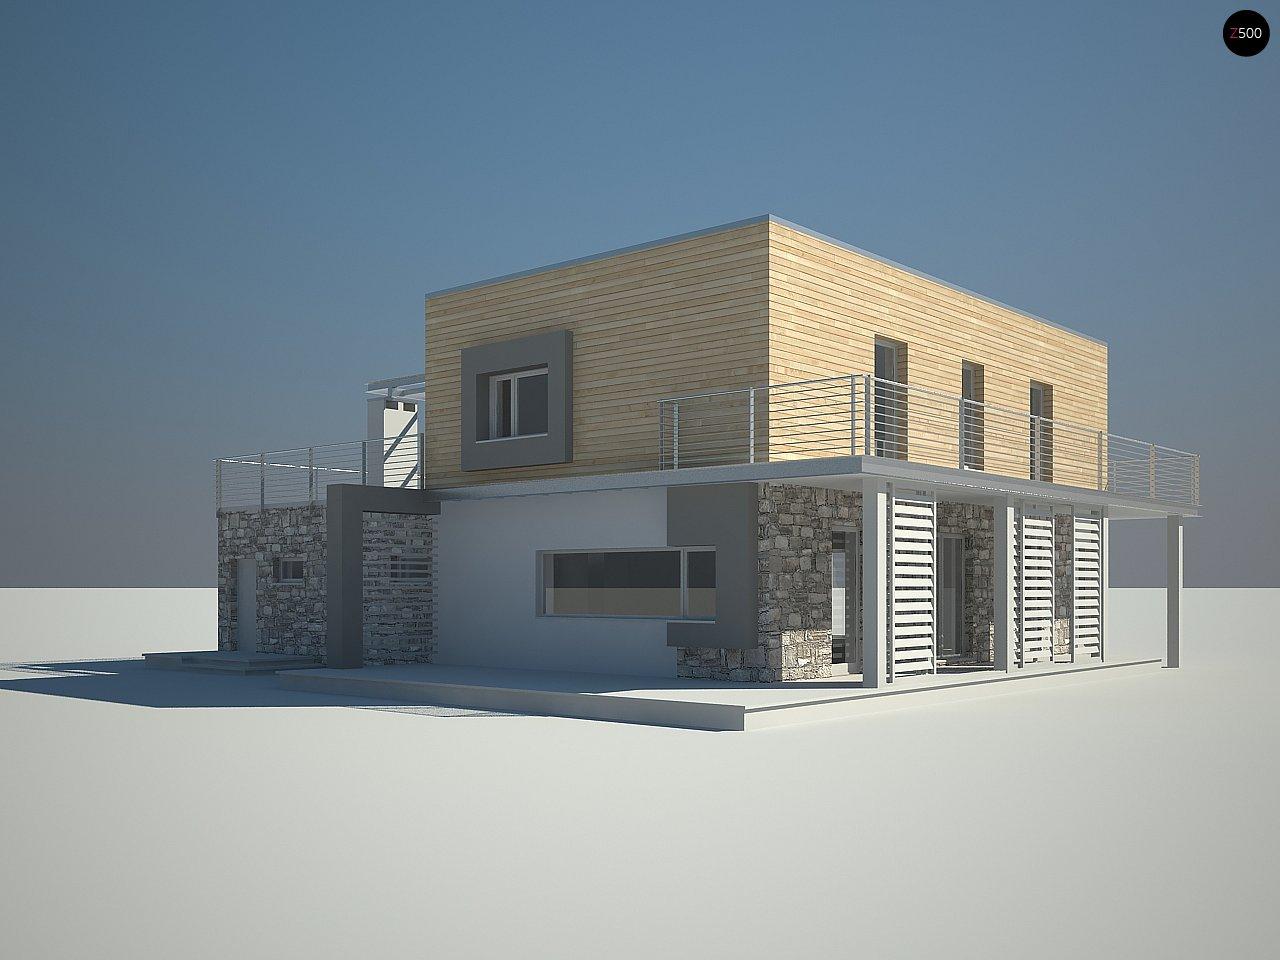 Оригинальный дом в современном стиле с обширной террасой над гаражом. - фото 4